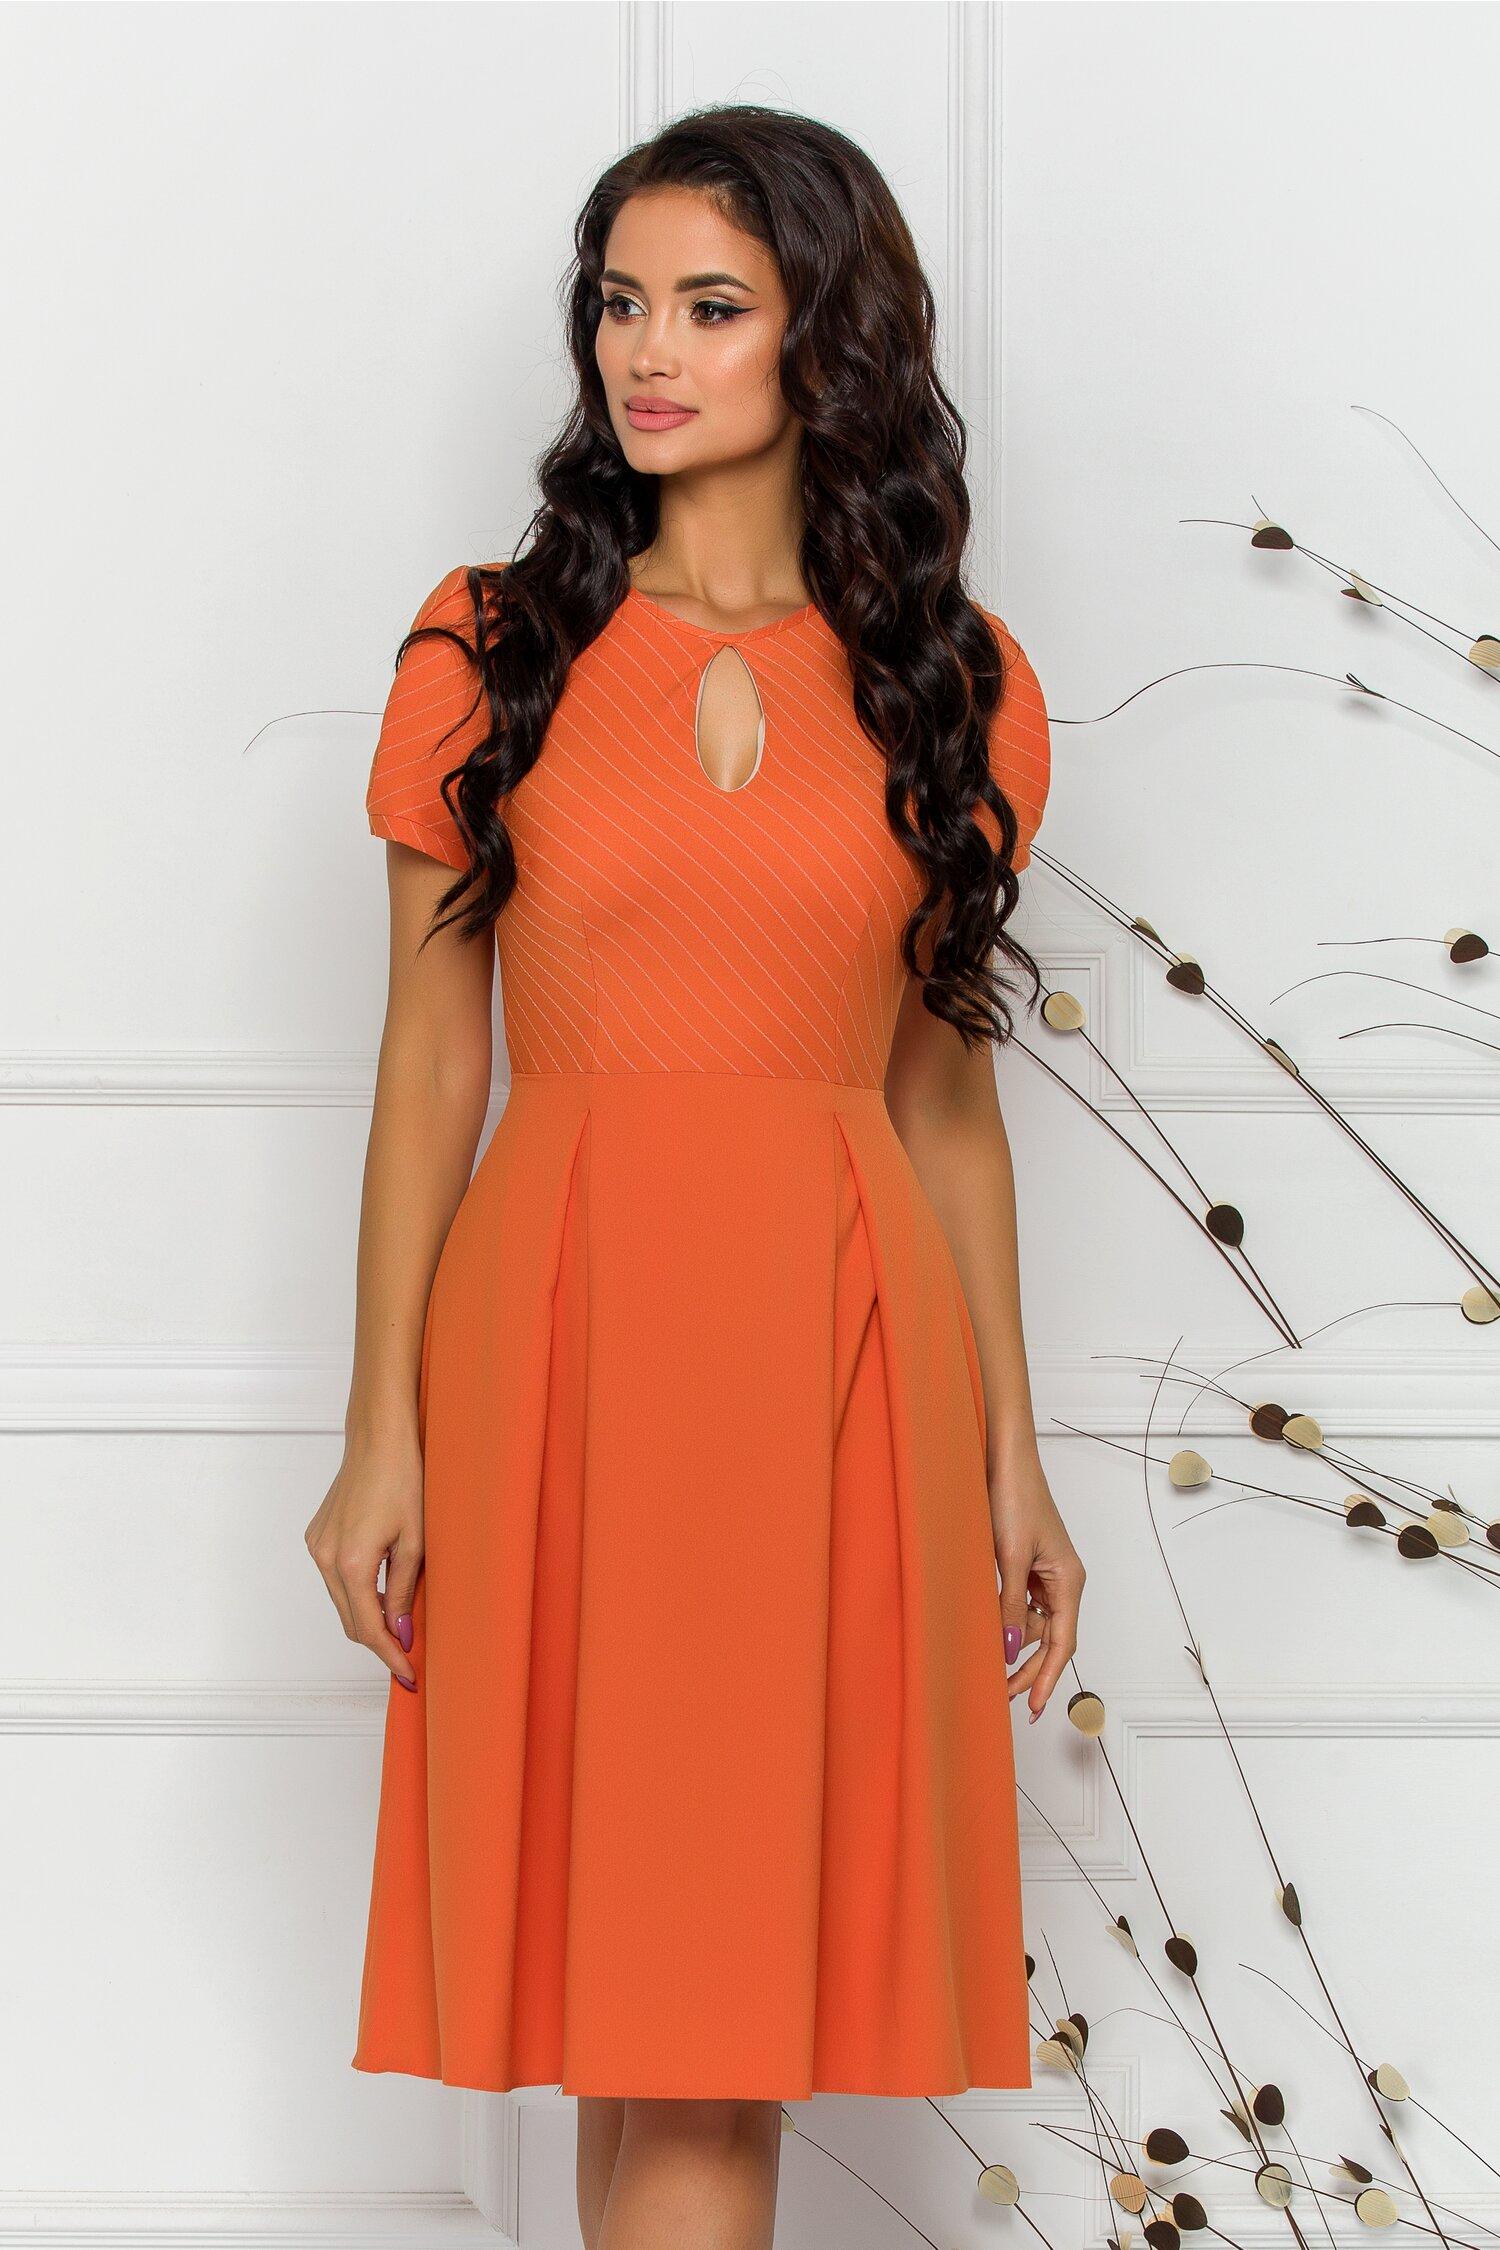 rochie moze orange cu imprimeu in dungi discrete 598415 4